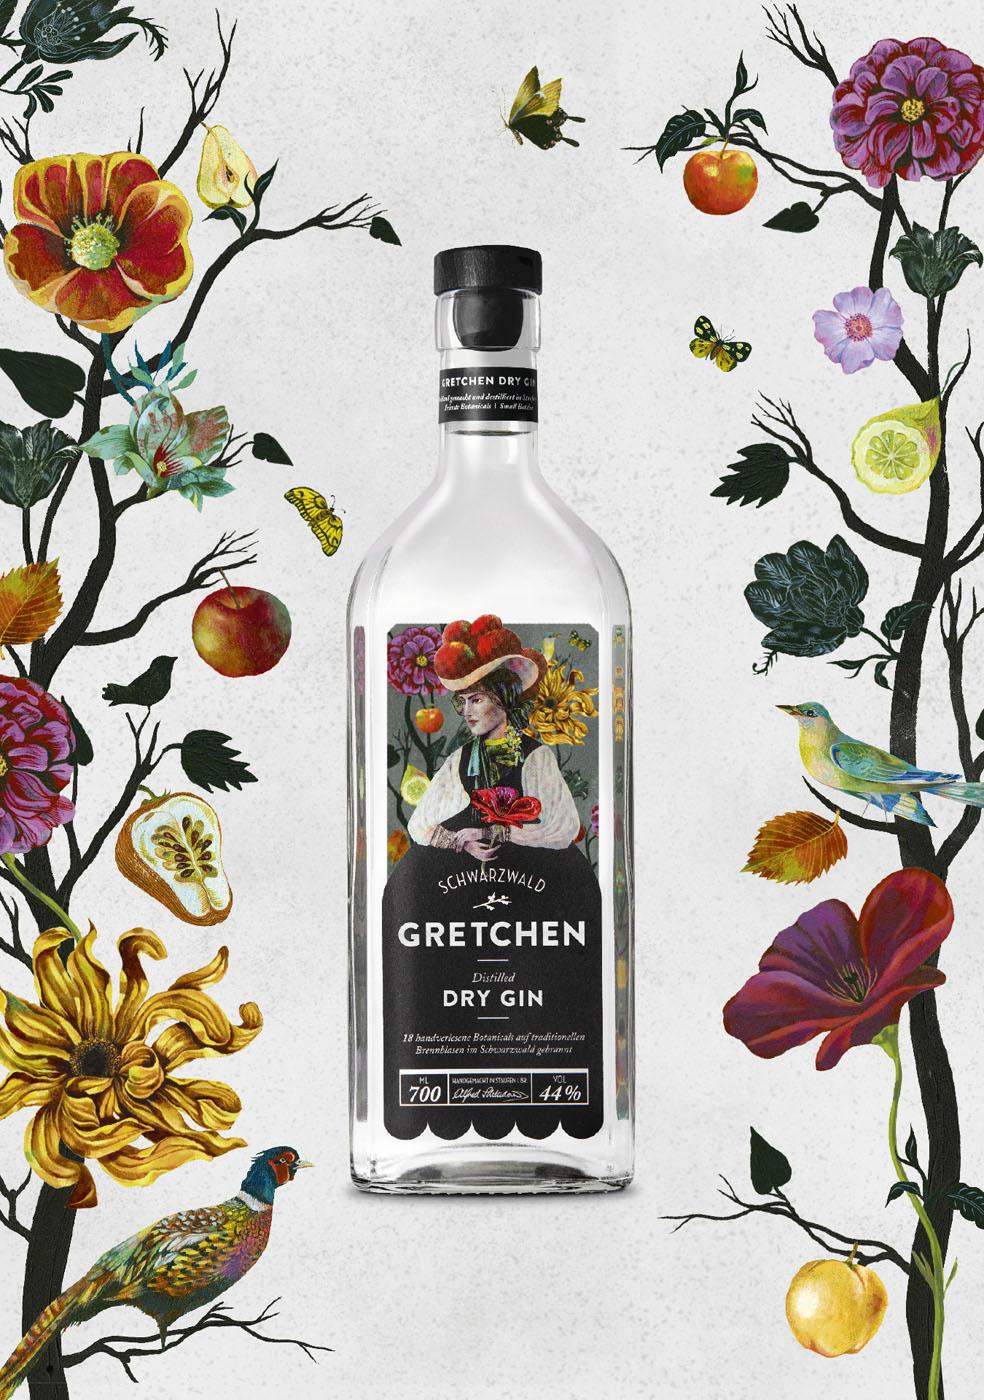 Distillato Schwarzwald Dry Gin Gretchen